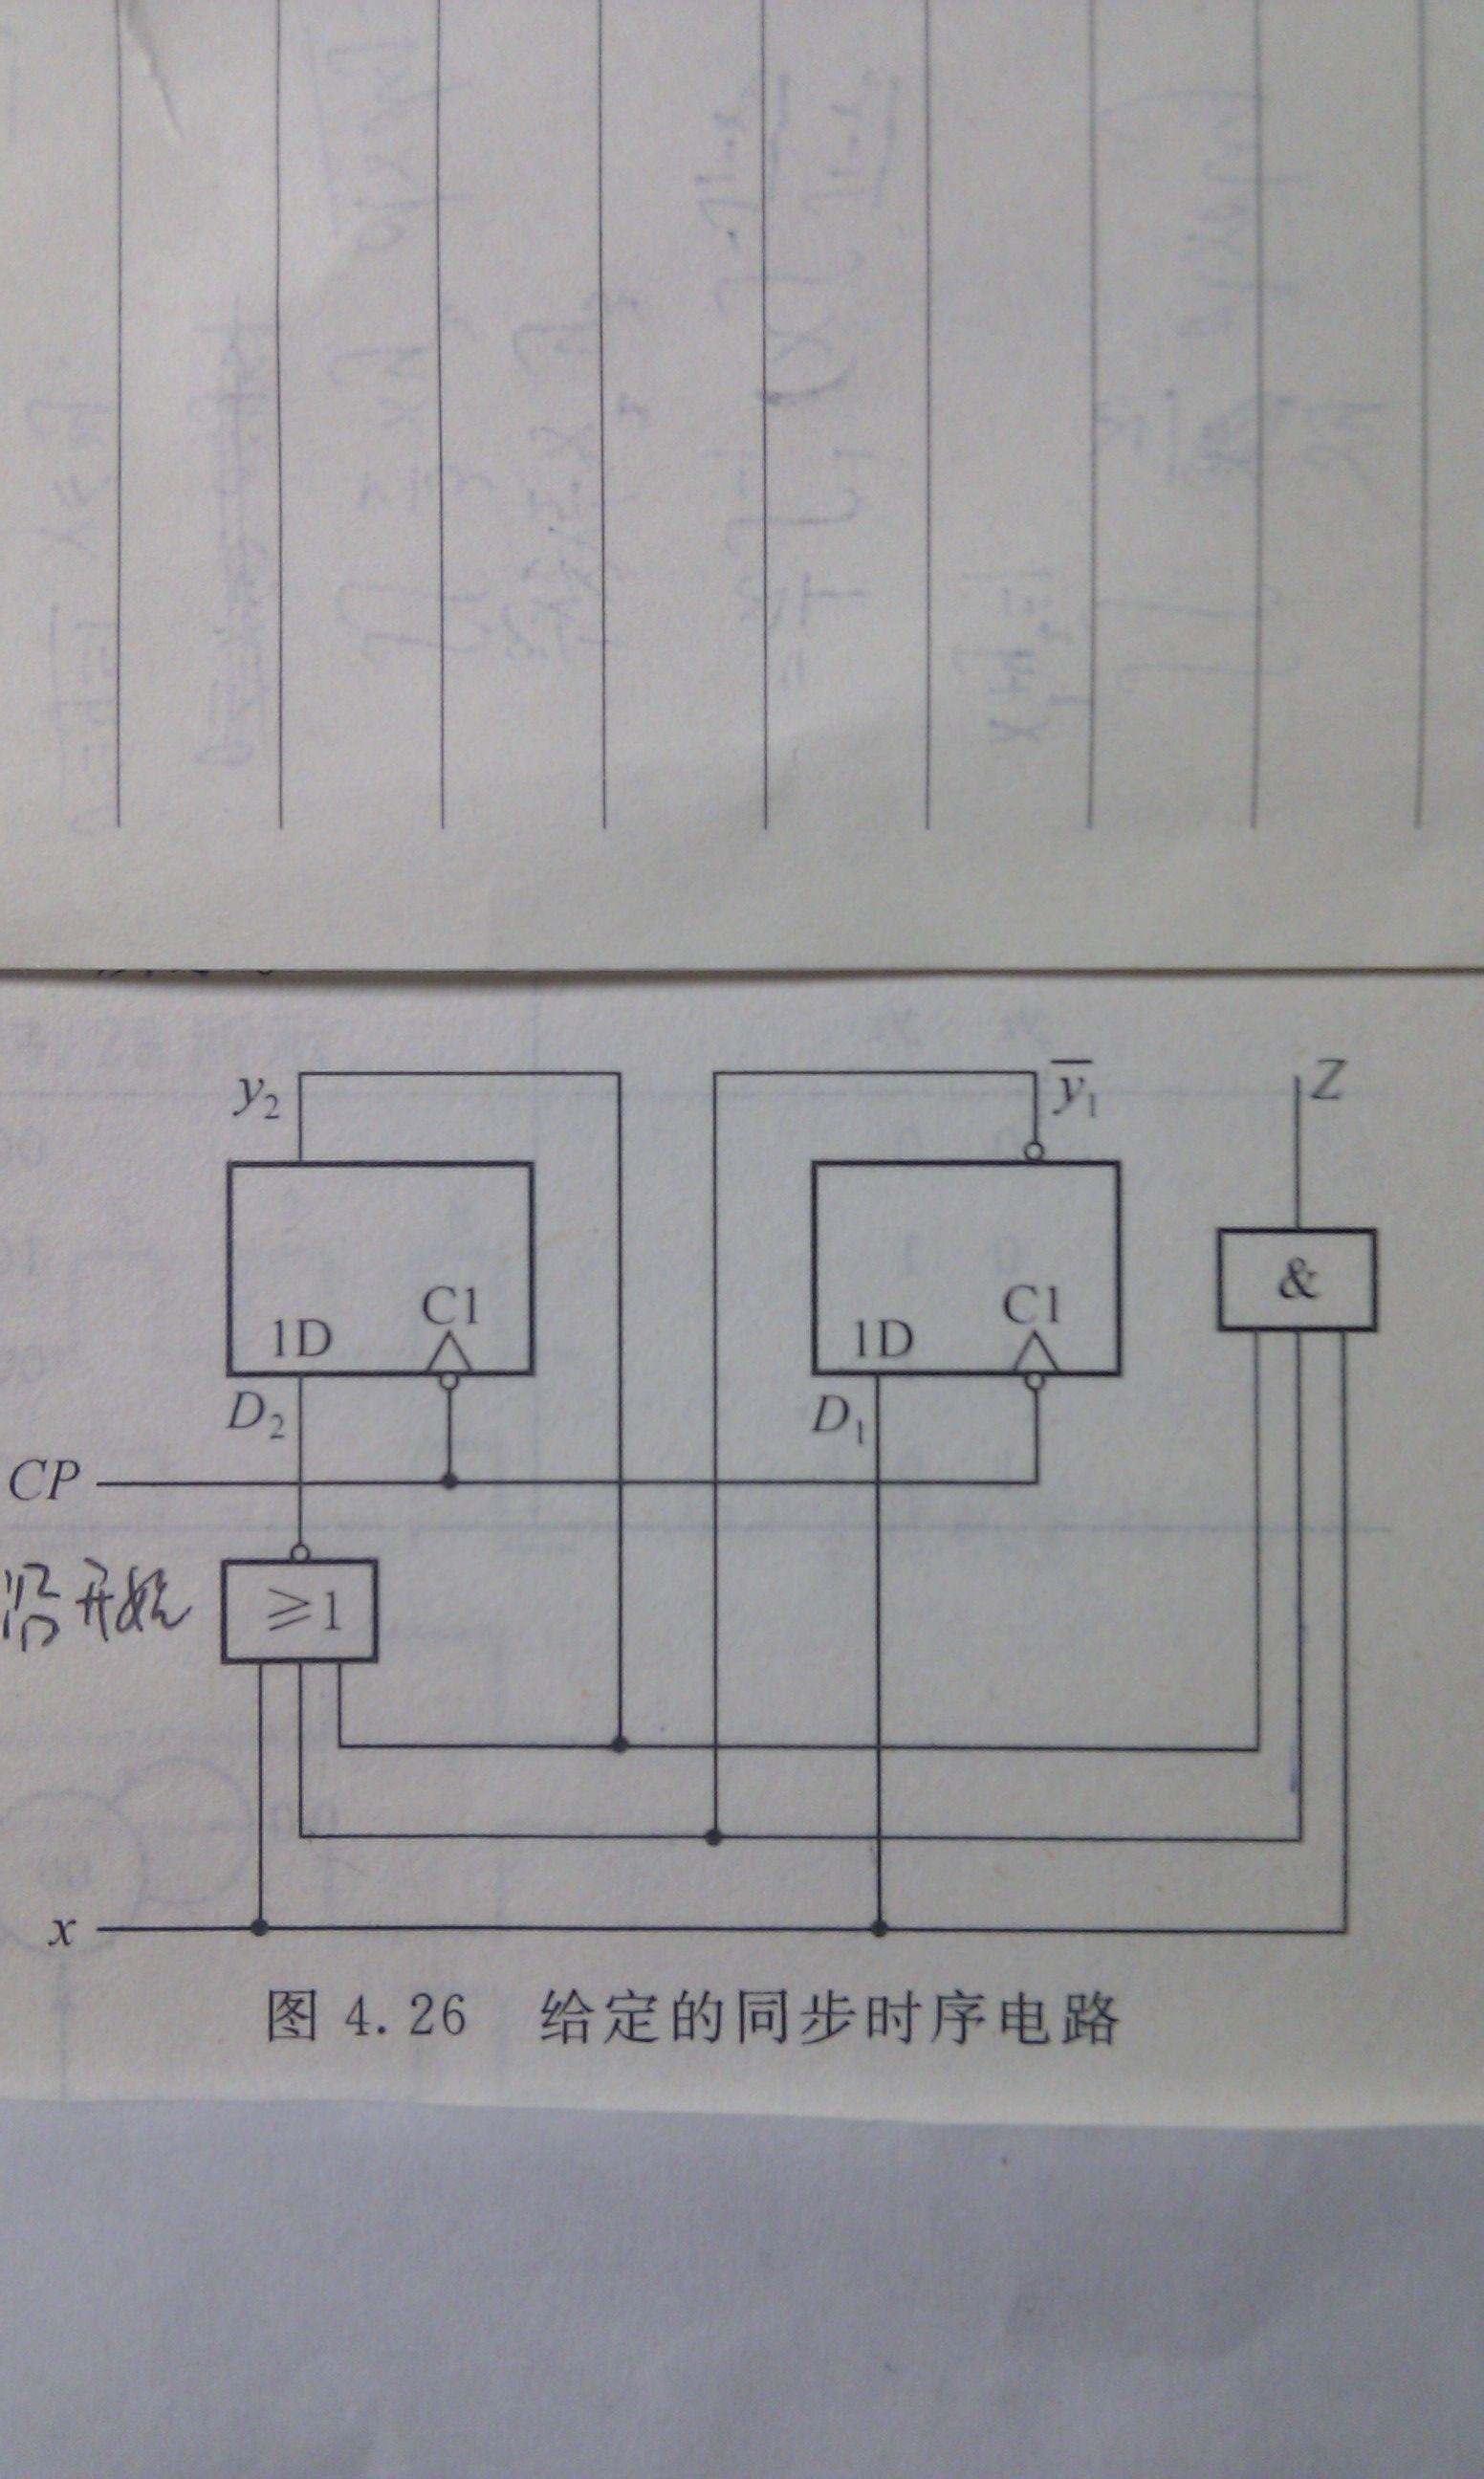 数字逻辑中触发器画电路的状态响应时序图什么时候从下檐开始画什么